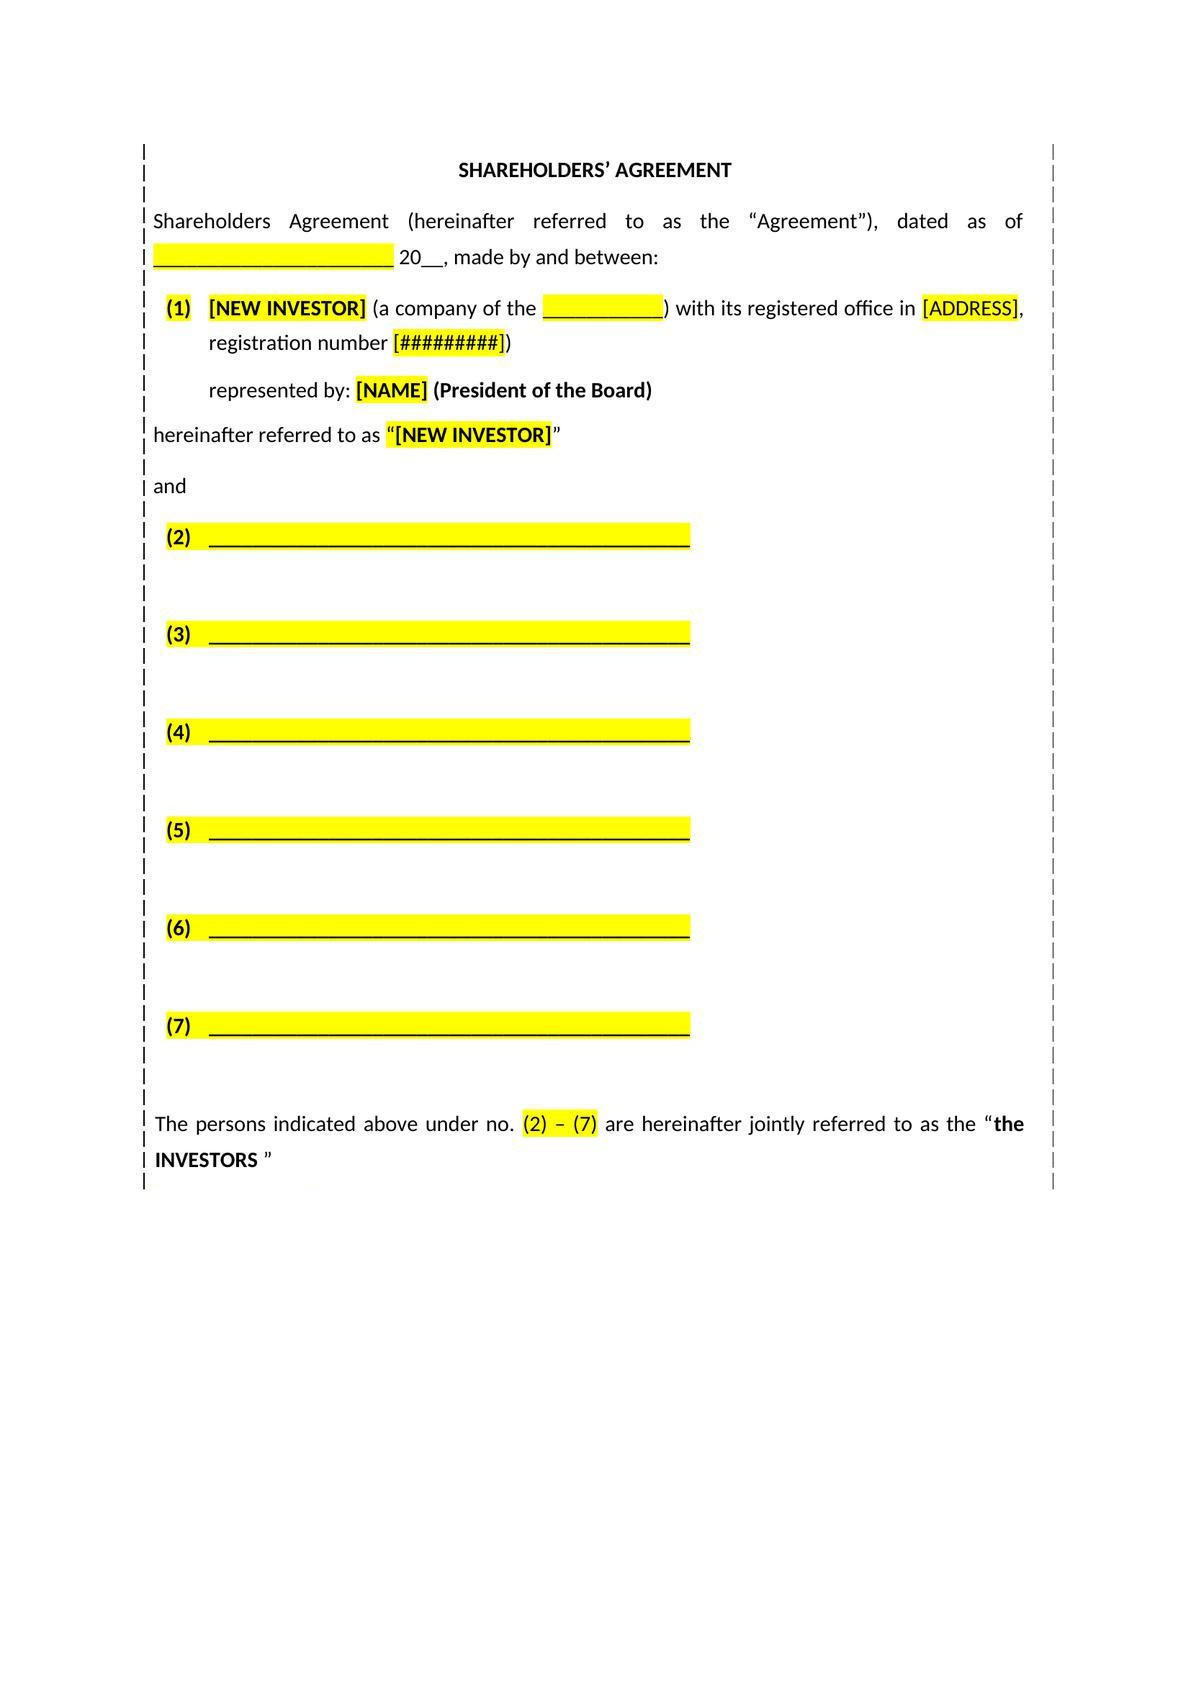 Shareholders' agreement-1